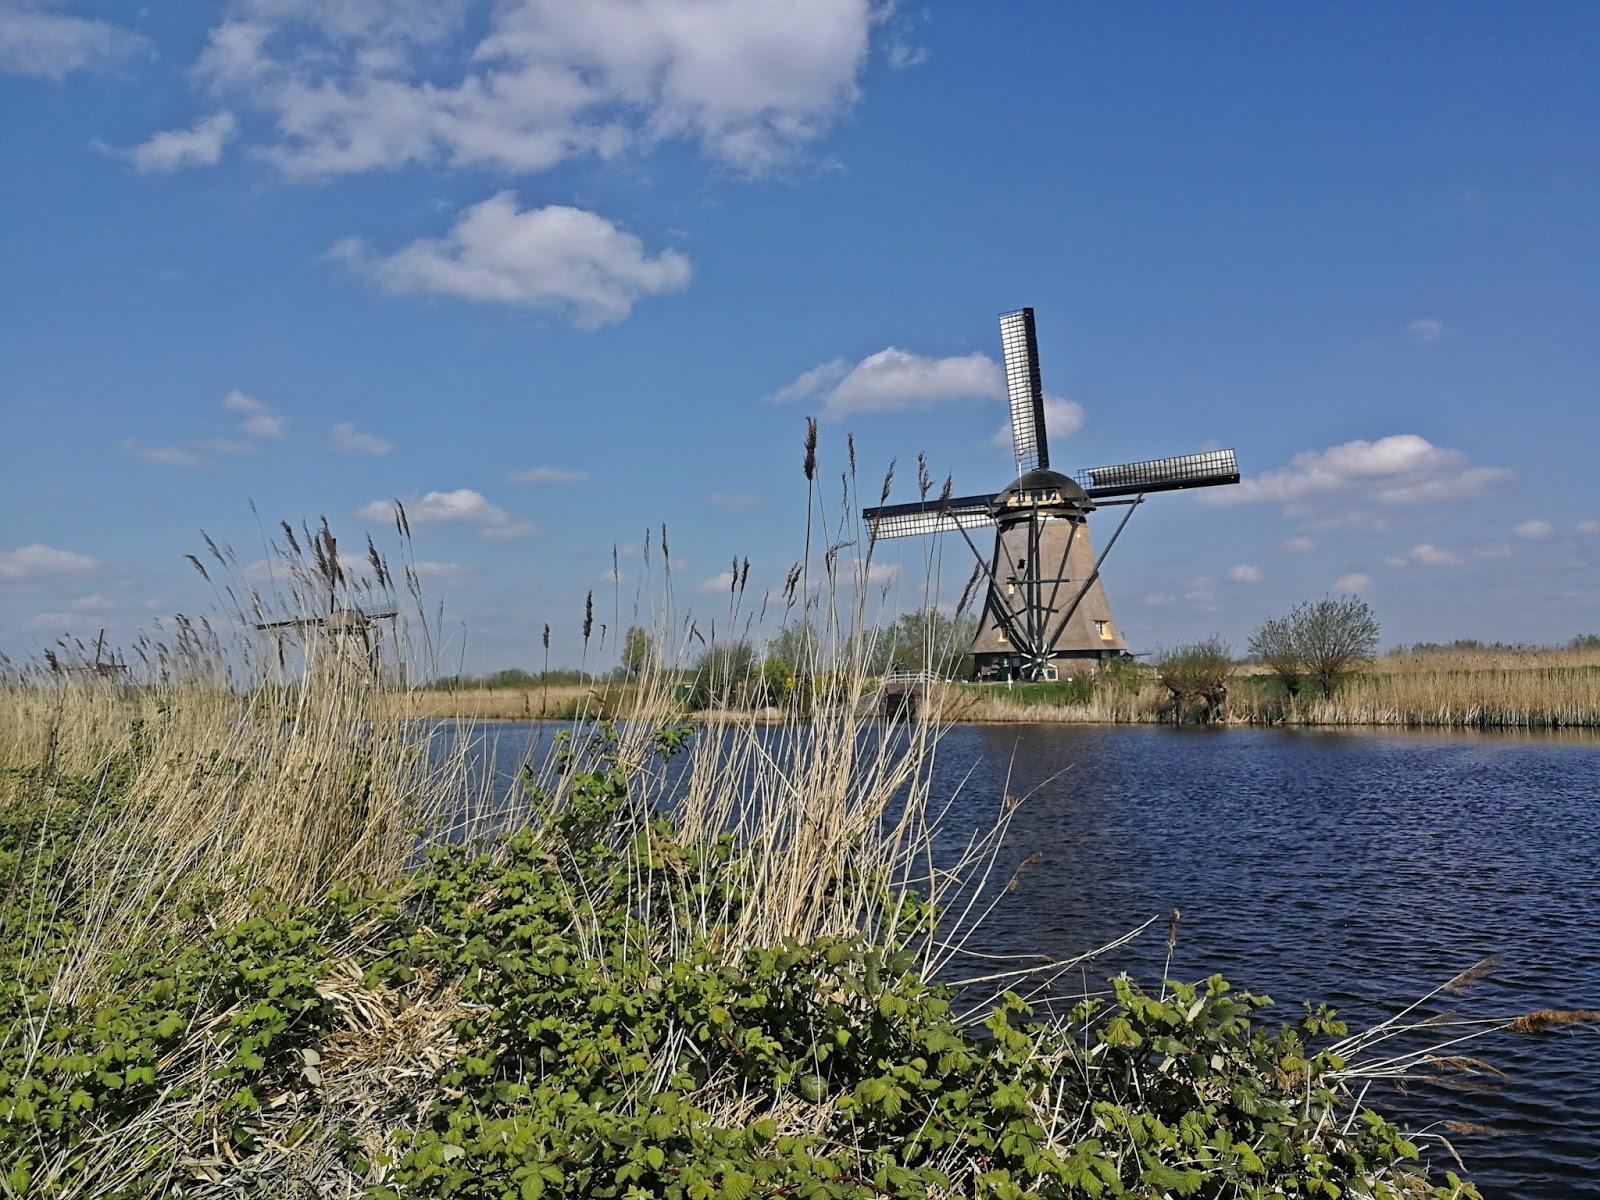 #Karolajn.El by travel - Holandia  CO WARTO ZOBACZYĆ W HOLANDII CZ. 1